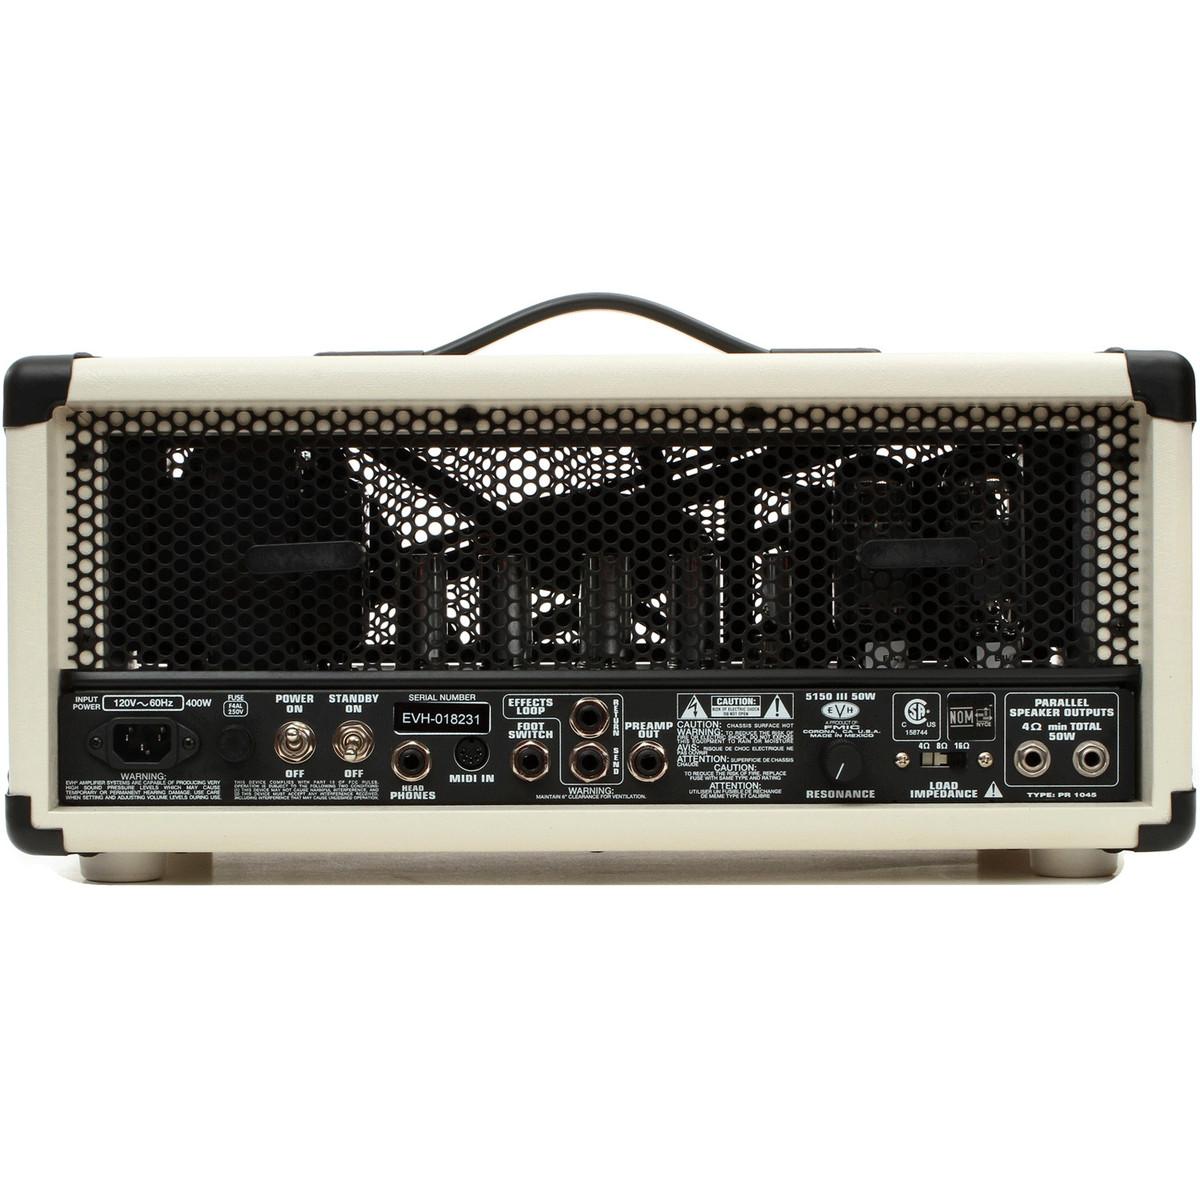 2cd05b0cd27 DISC EVH 5150 III 50W Head